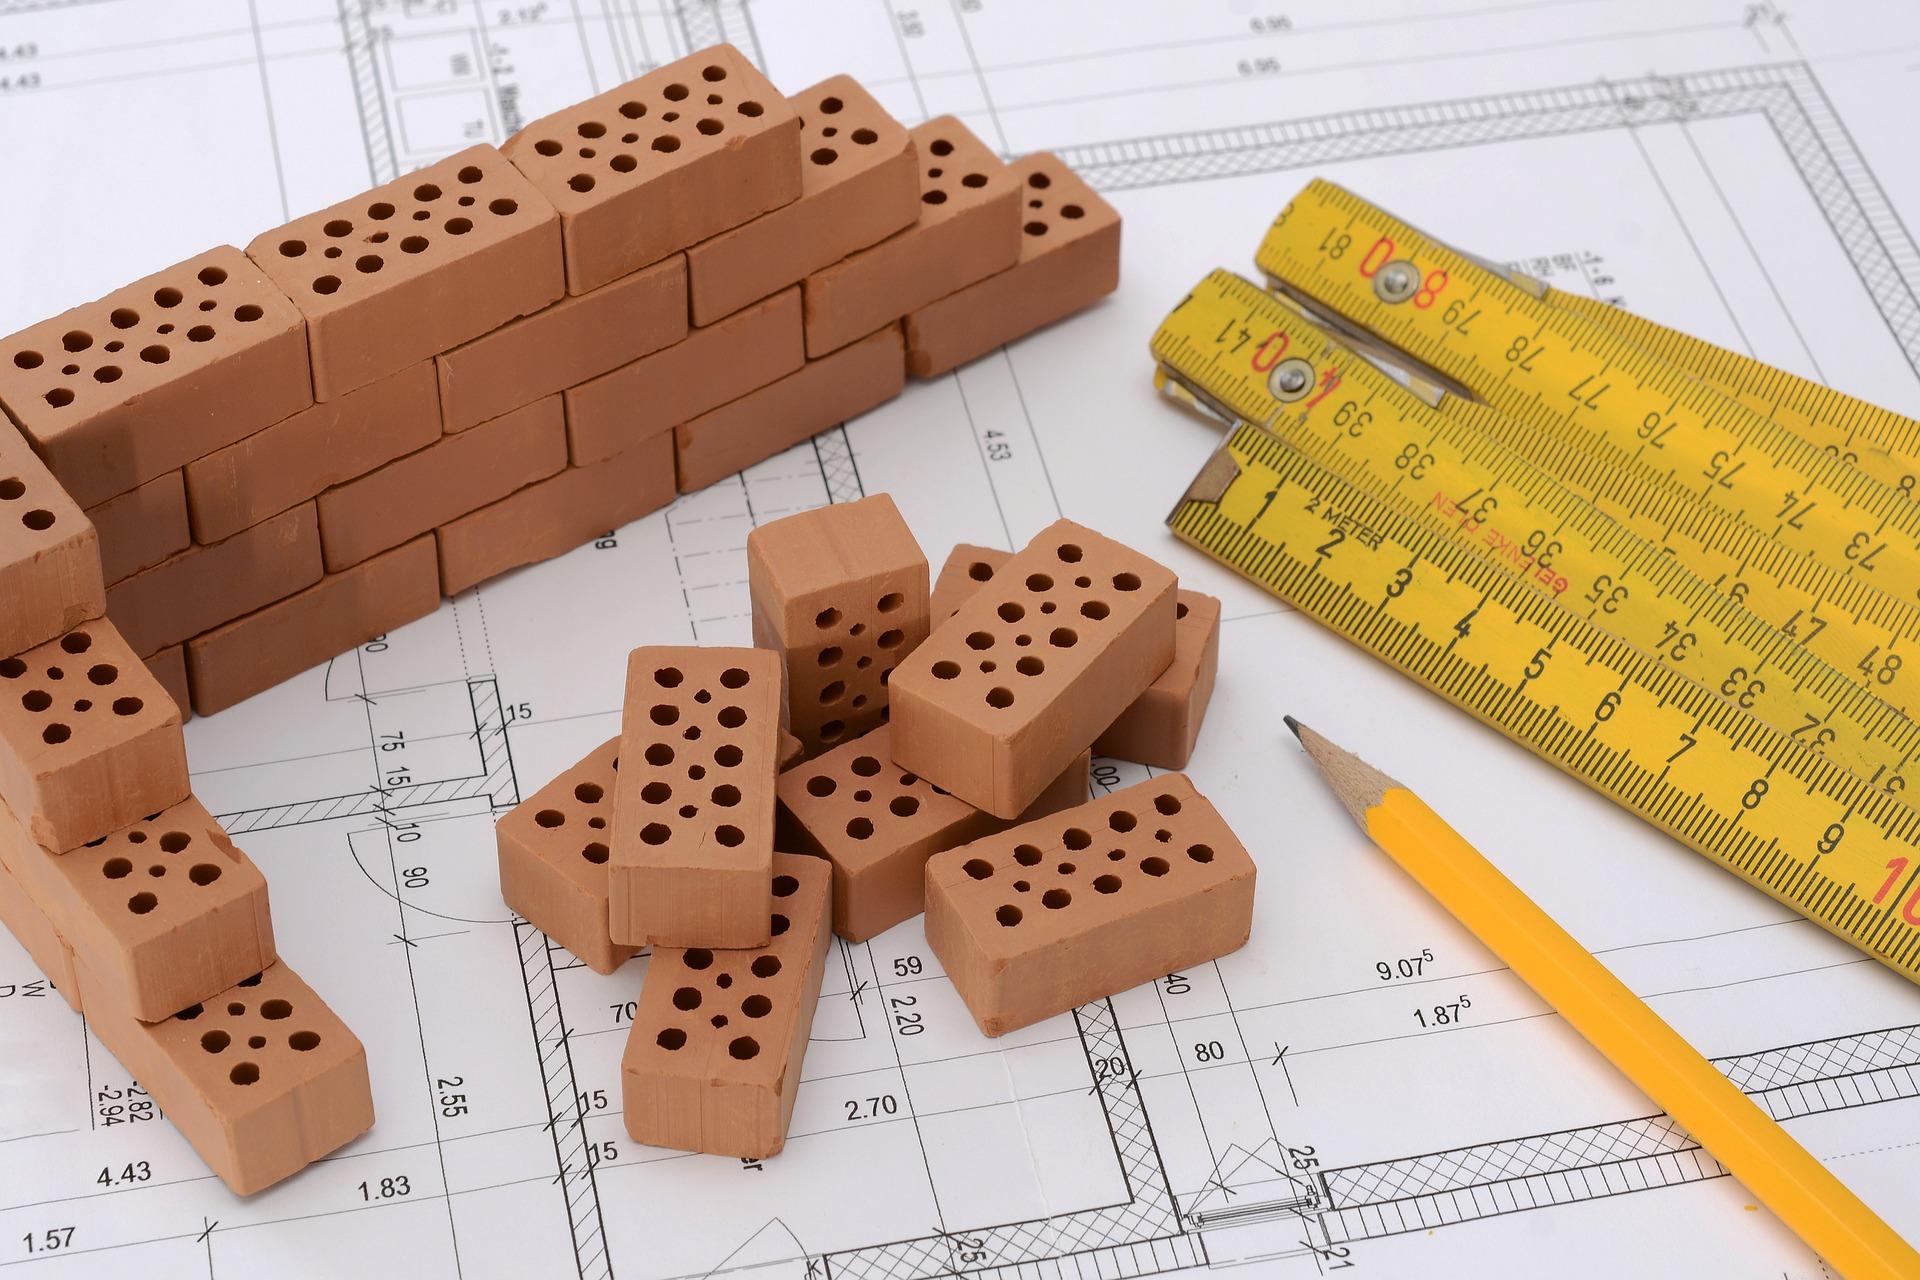 pozwolenie-na-budowe-czy-zgloszenie-budowy-domu